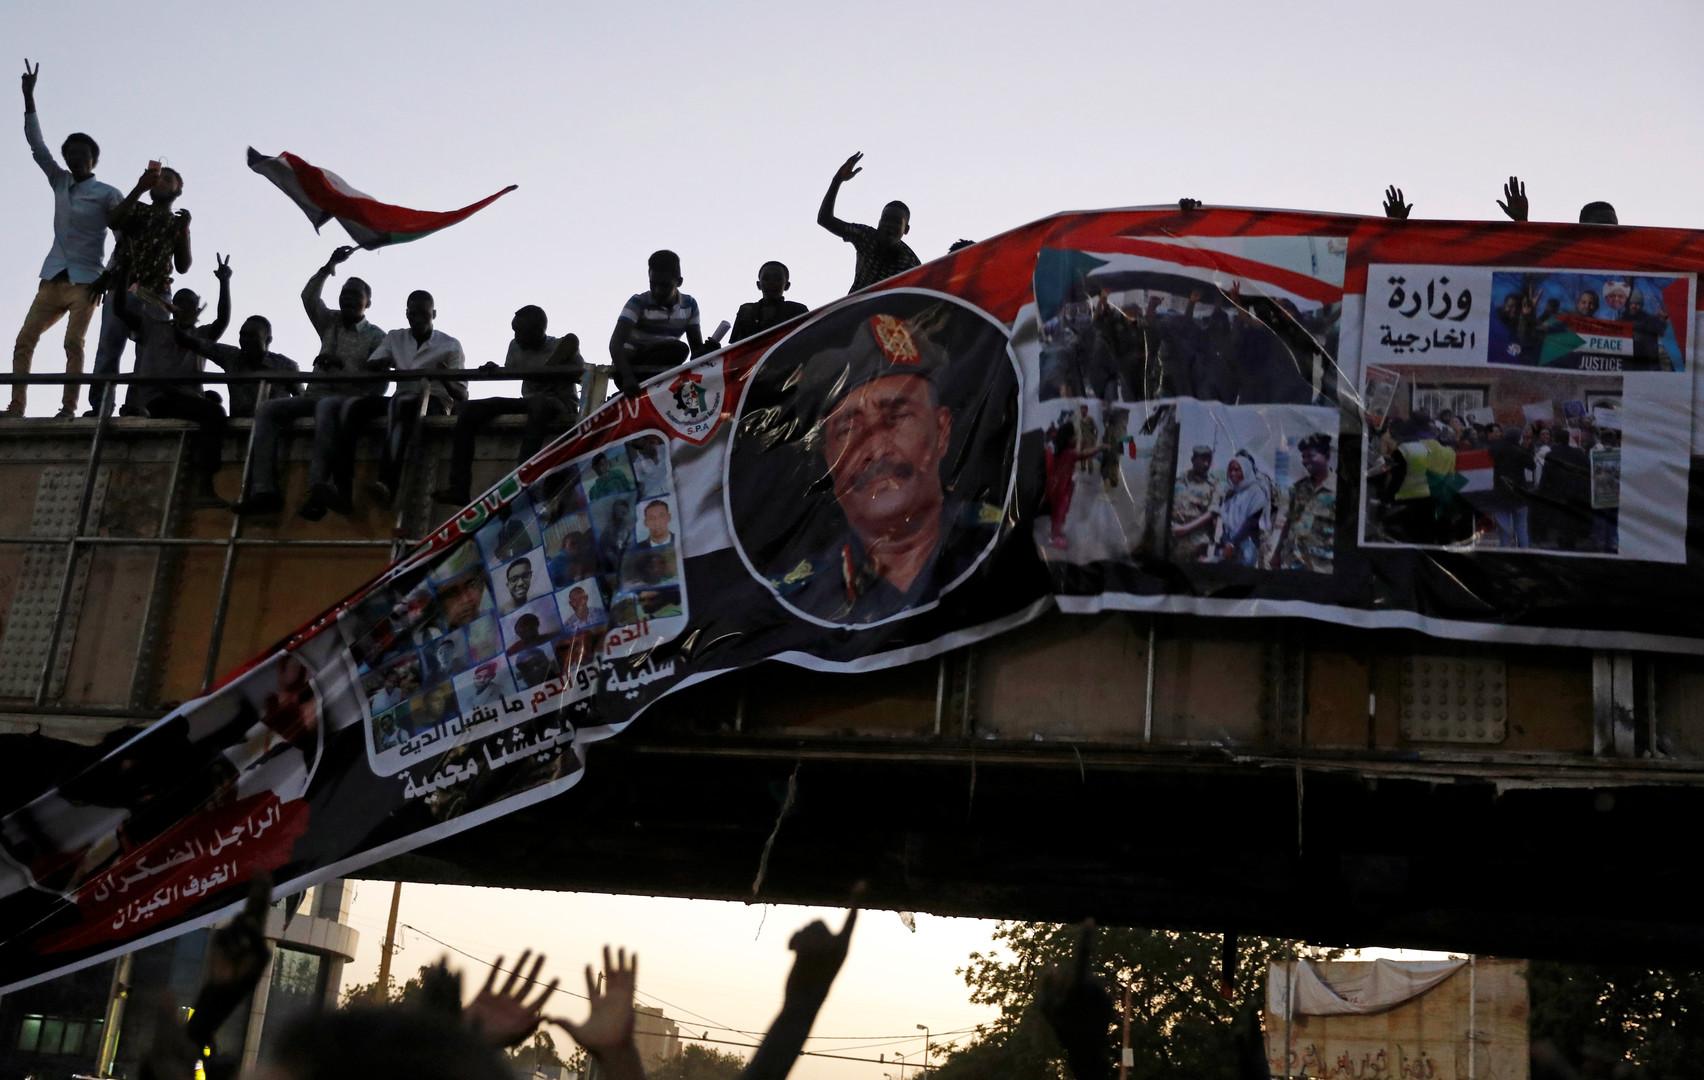 روسيا: يجب حل النزاع في السودان سلميا ونرفض التدخلات الخارجية